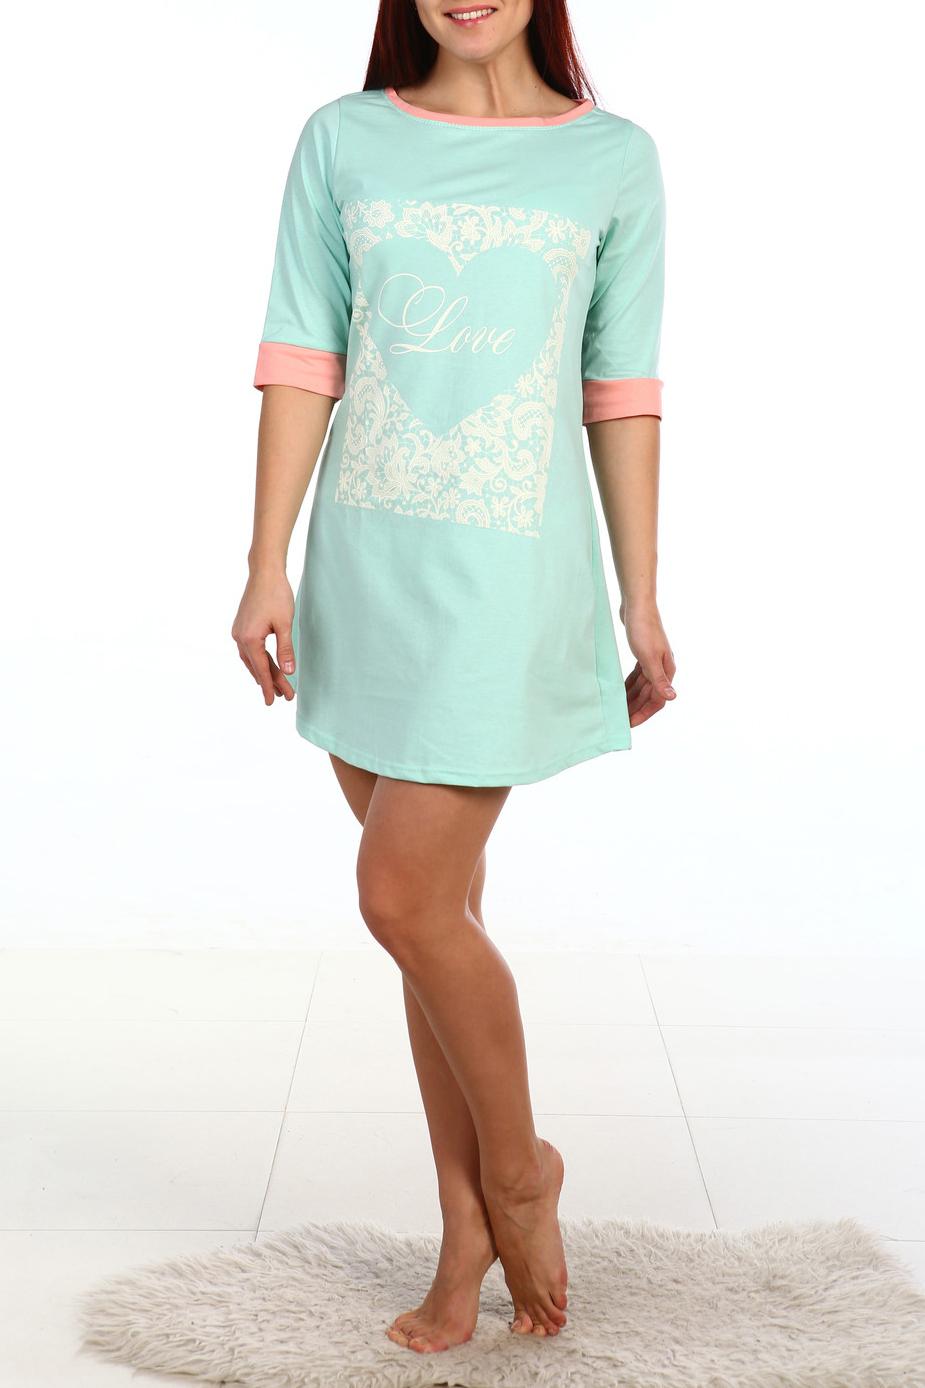 СорочкаНочные сорочки<br>Ночная сорочка с рукавами 3/4. Домашняя одежда, прежде всего, должна быть удобной, практичной и красивой. В наших изделиях Вы будете чувствовать себя комфортно, особенно, по вечерам после трудового дня.  В изделии использованы цвета: голубой, белый и др.  Ростовка изделия 170 см.<br><br>Горловина: С- горловина<br>По длине: До колена<br>По материалу: Трикотаж,Хлопок<br>По рисунку: С принтом,Цветные<br>По силуэту: Свободные<br>По стилю: Повседневный стиль<br>По форме: Сорочки<br>По сезону: Всесезон<br>Размер : 52<br>Материал: Трикотаж<br>Количество в наличии: 1